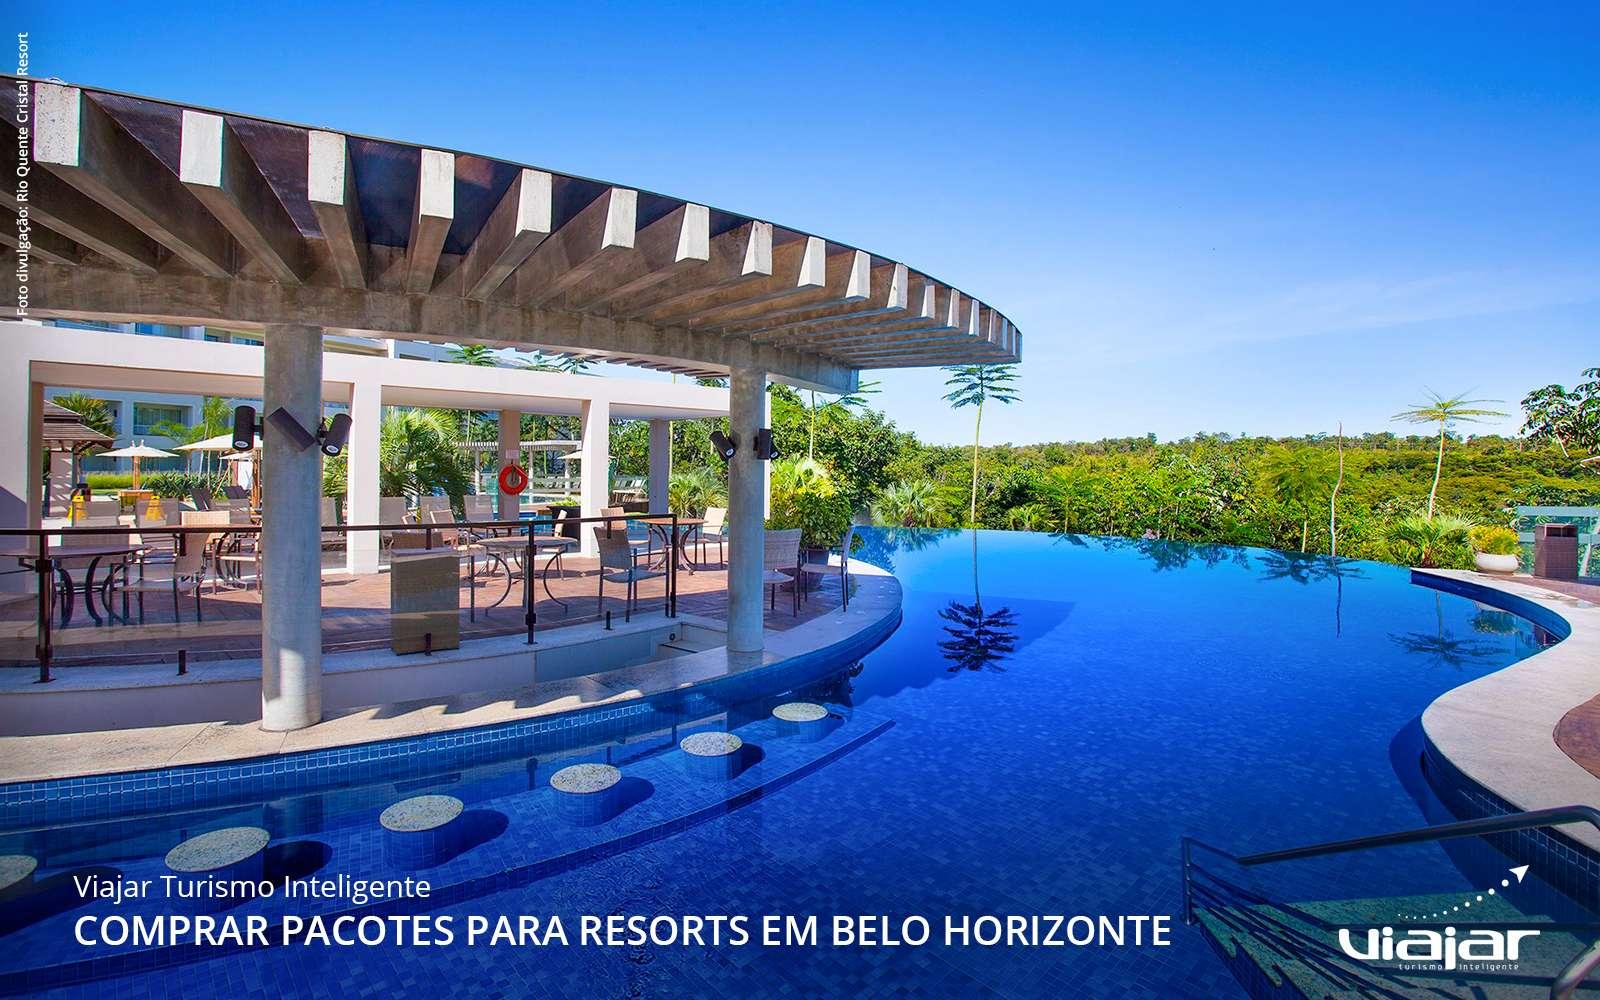 viajar-turismo-inteligente-comprar-pacotes-resorts-belo-horizonte-minas-gerais-15-1